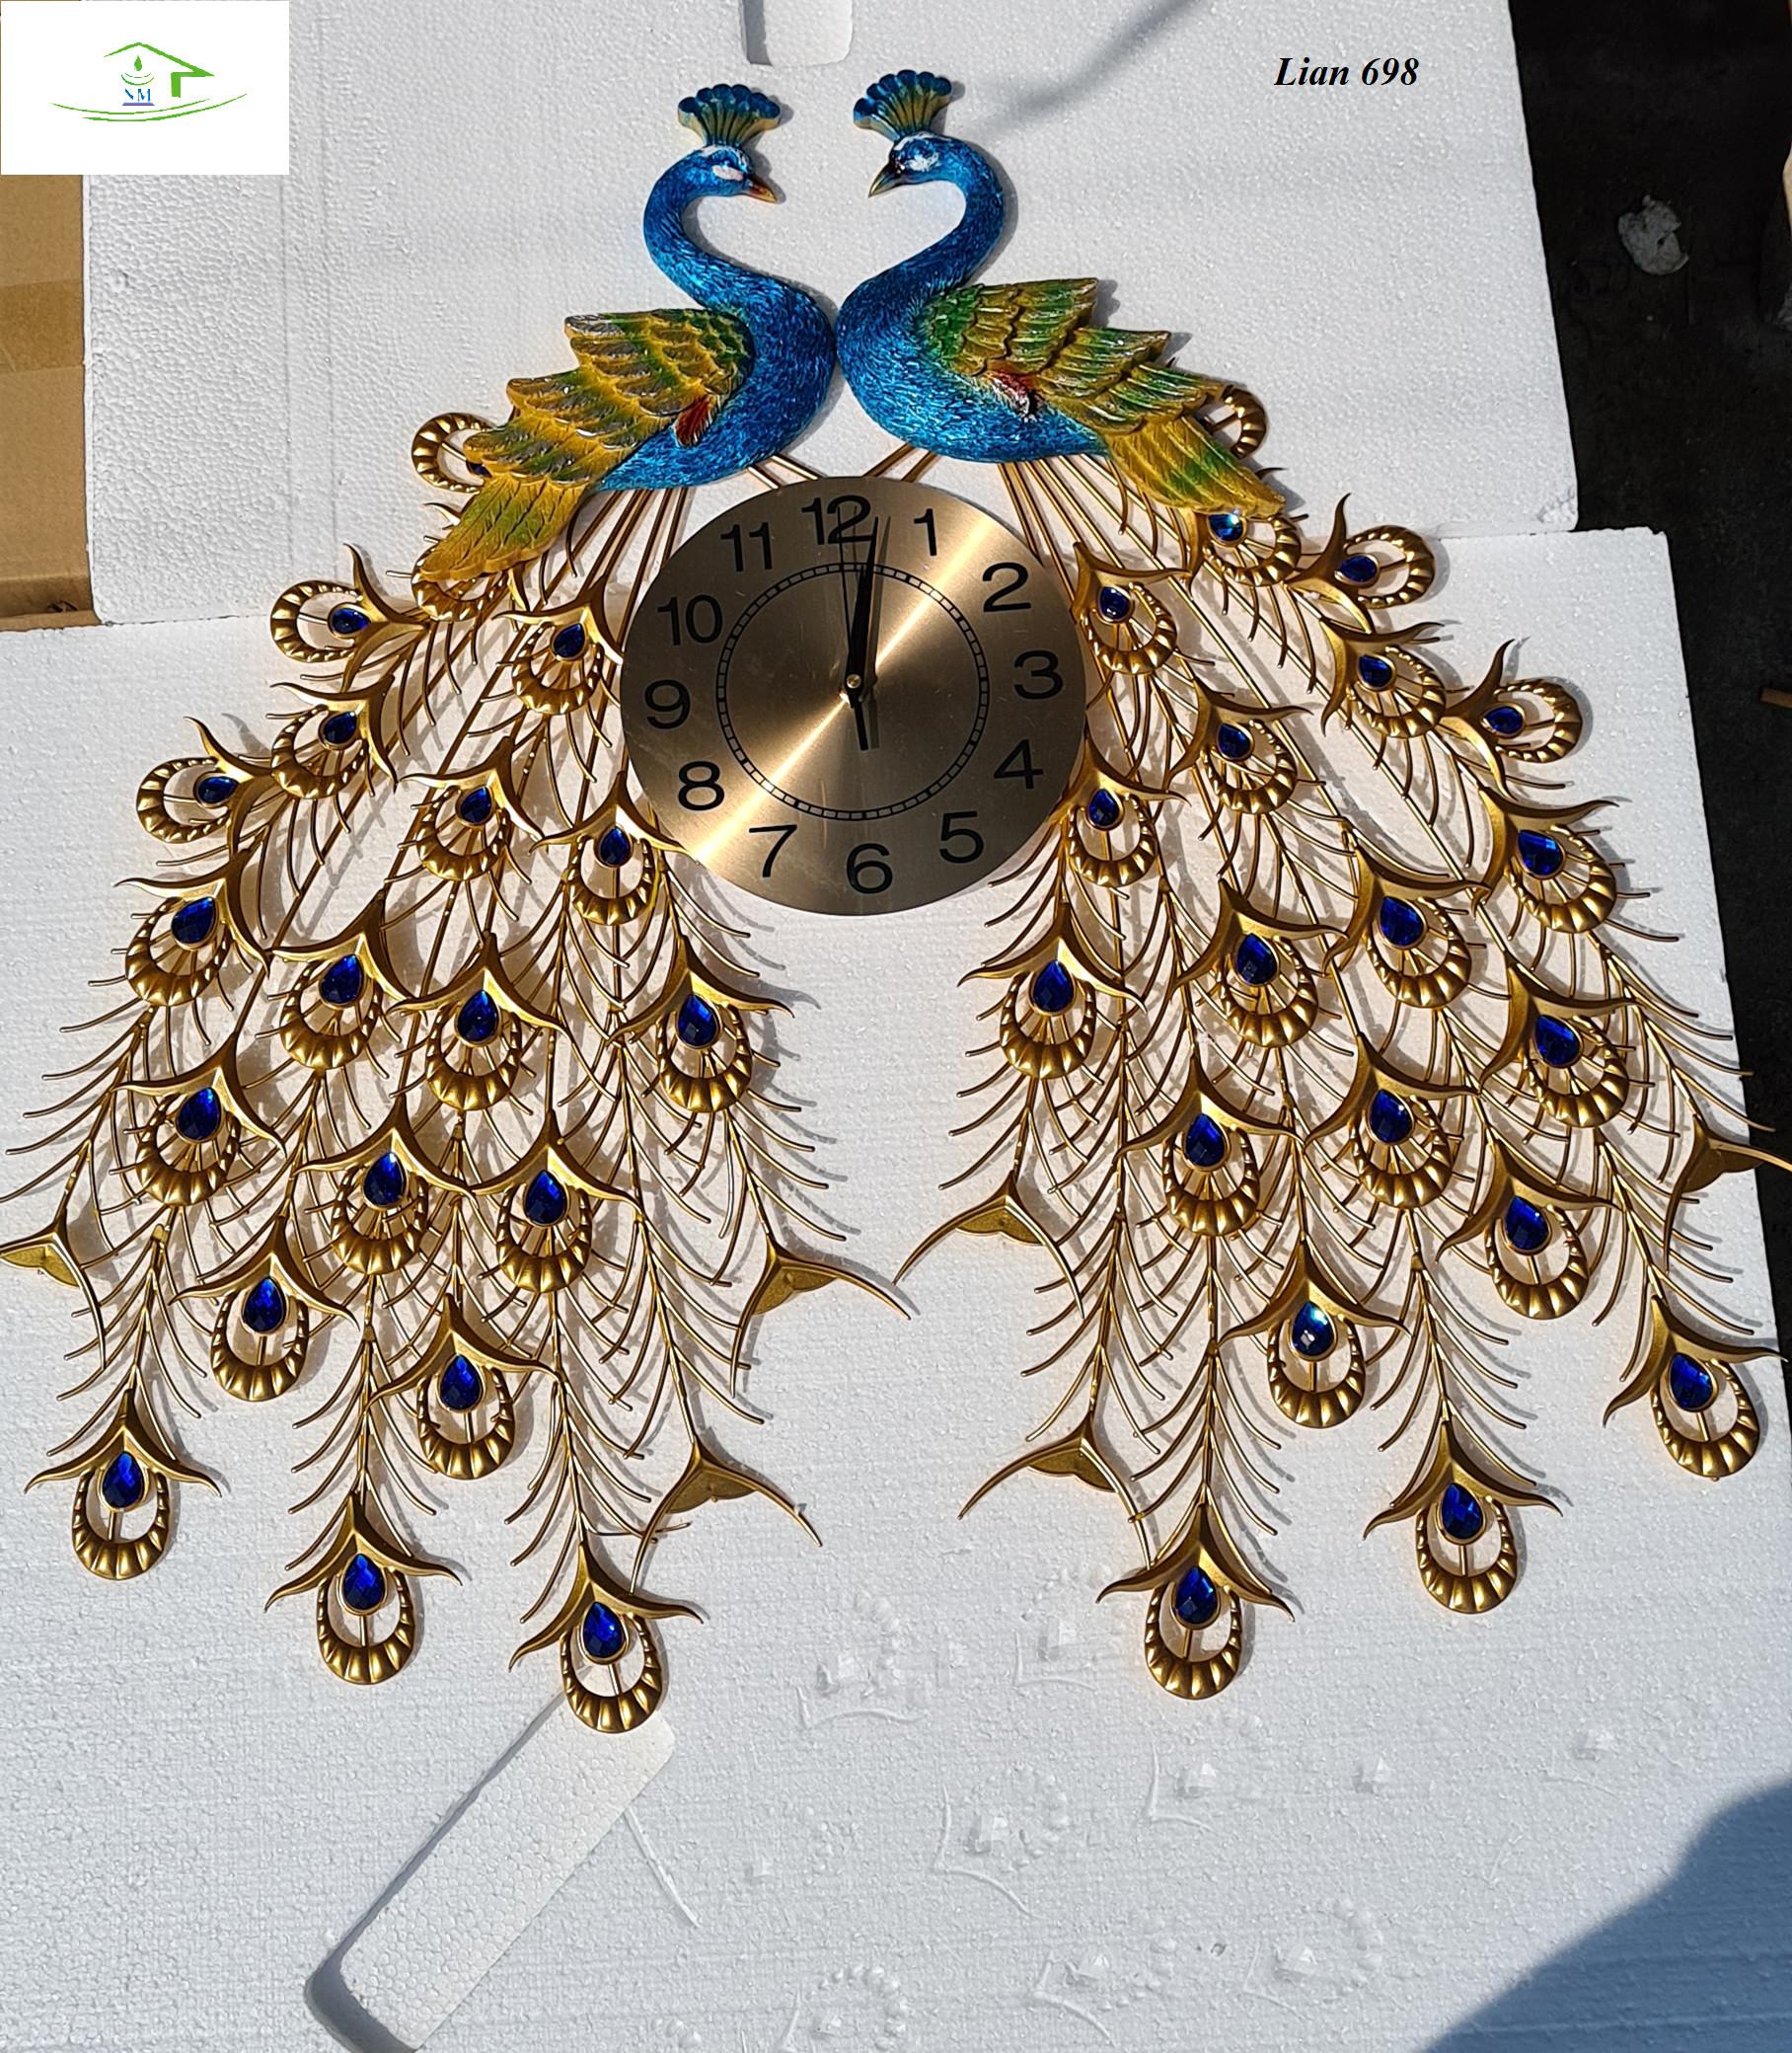 Đồng hồ trang trí nhà cửa chim công đôi nghệ thuật sang trọng DH698